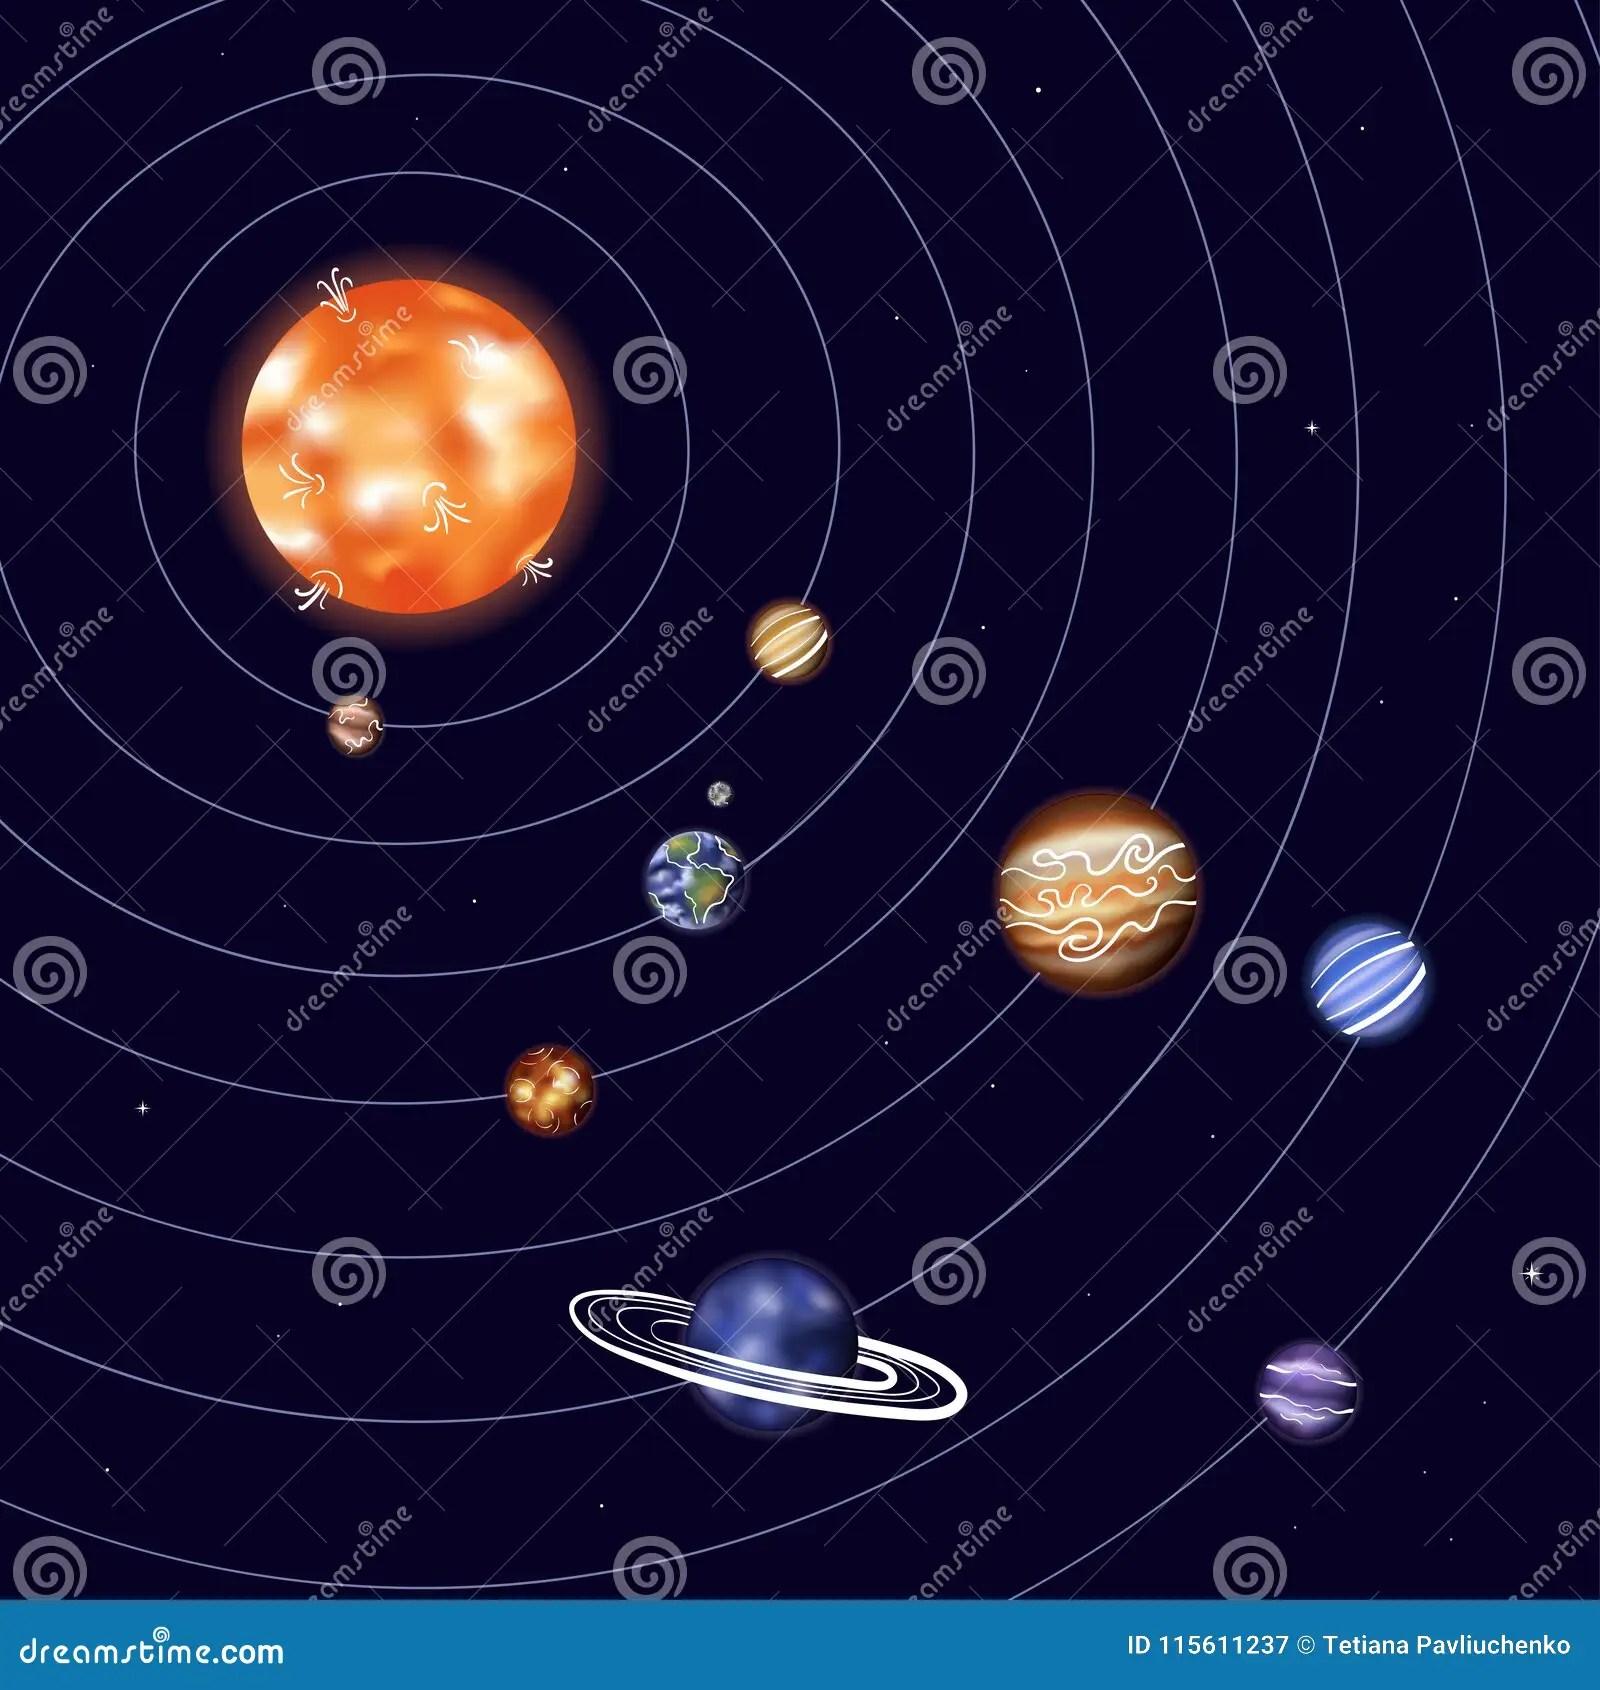 Vector Illustration Of Solar System Stock Vector